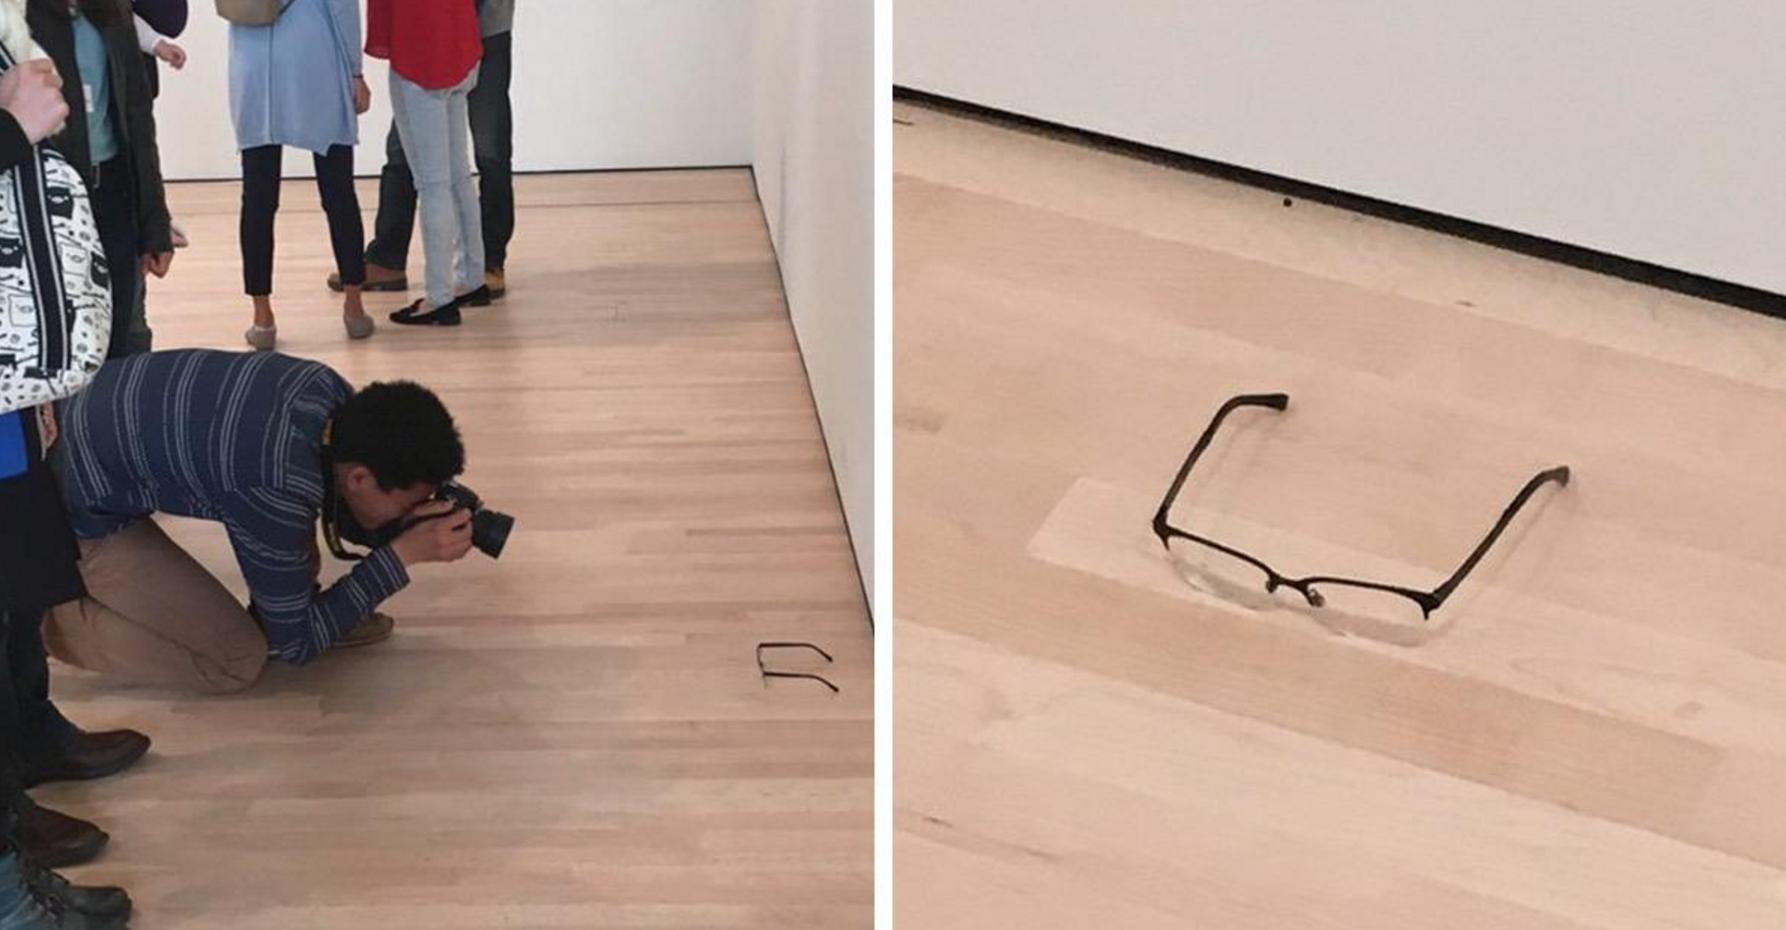 Óculos deixados em chão de museu são confundidos com arte   AcheiUSA eacda3bcde